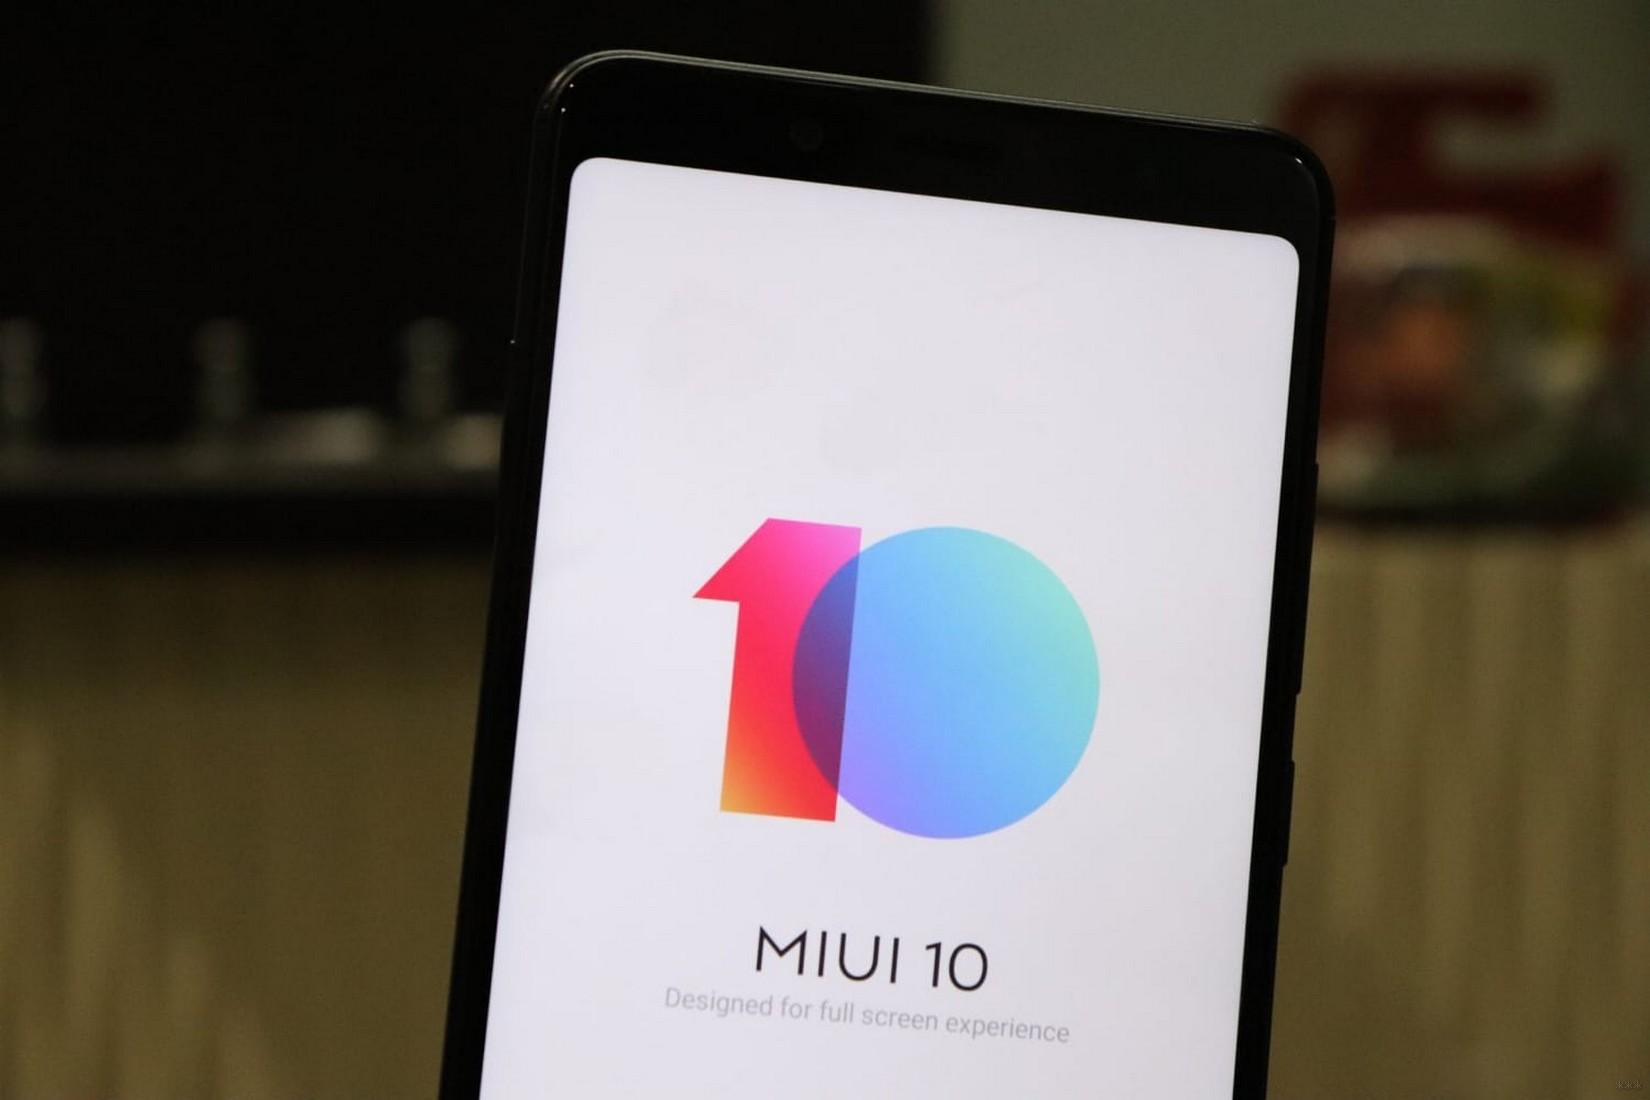 На Xiaomi сам включается Wi-Fi (Android): почему и что делать?